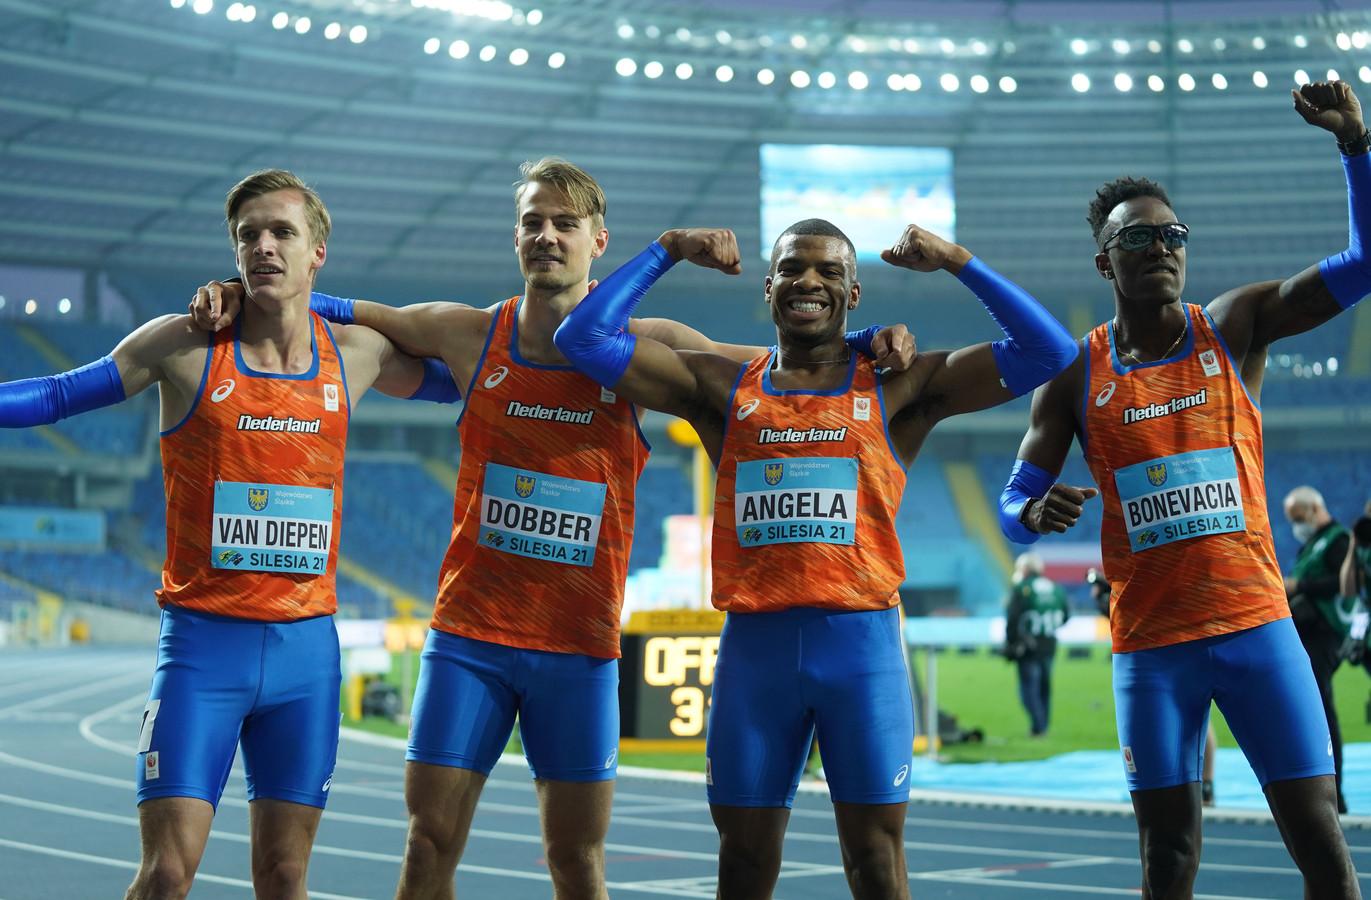 Ook de mannen plaatsten zich voor de Olympische Spelen.